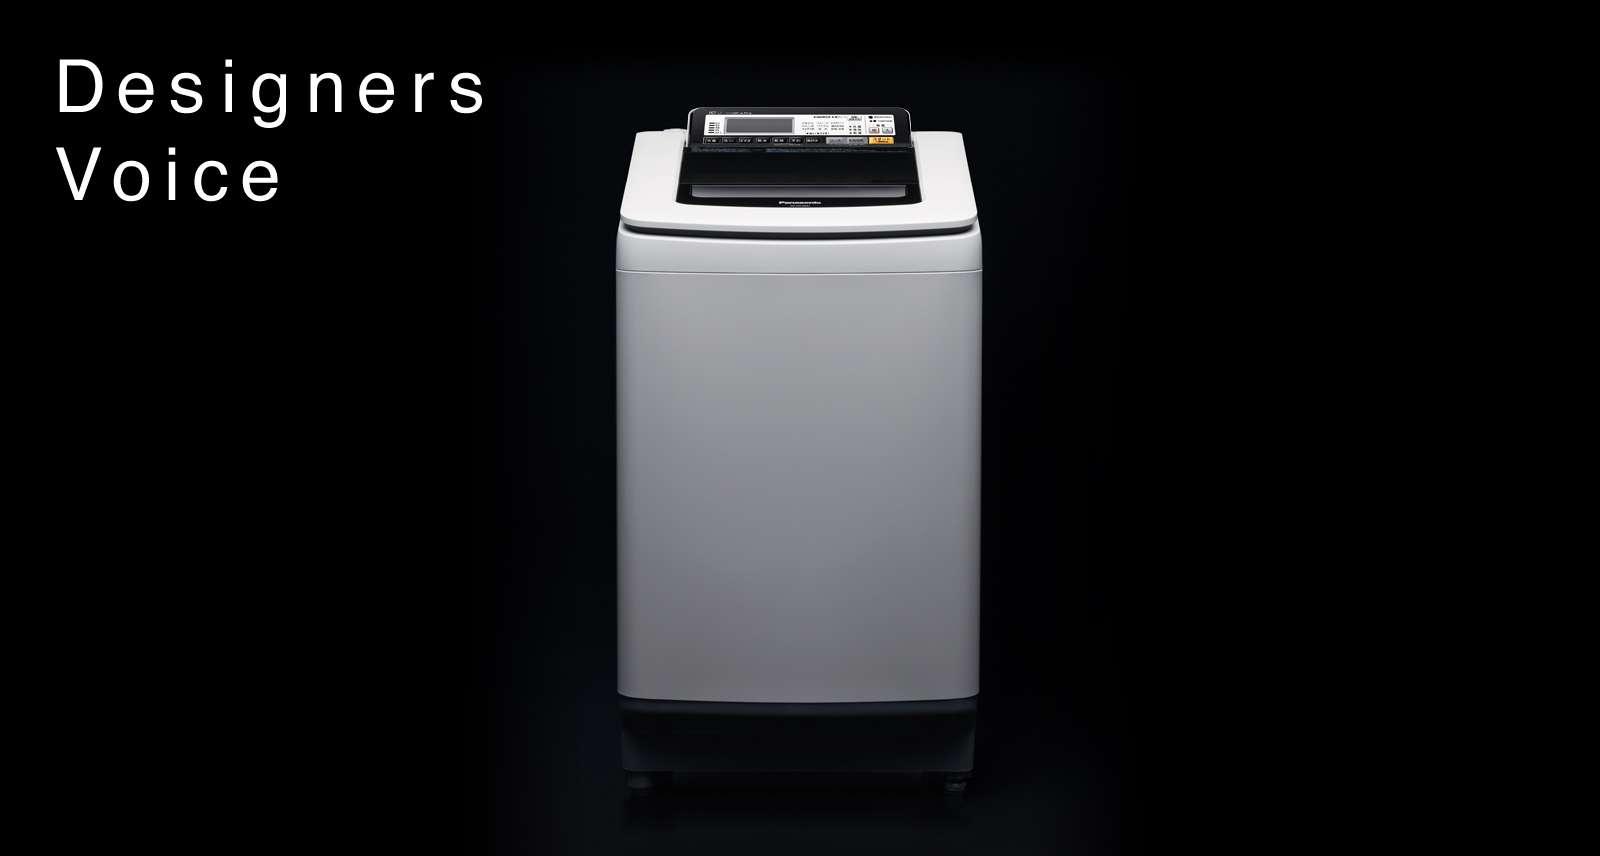 縦型洗濯機のおすすめは?